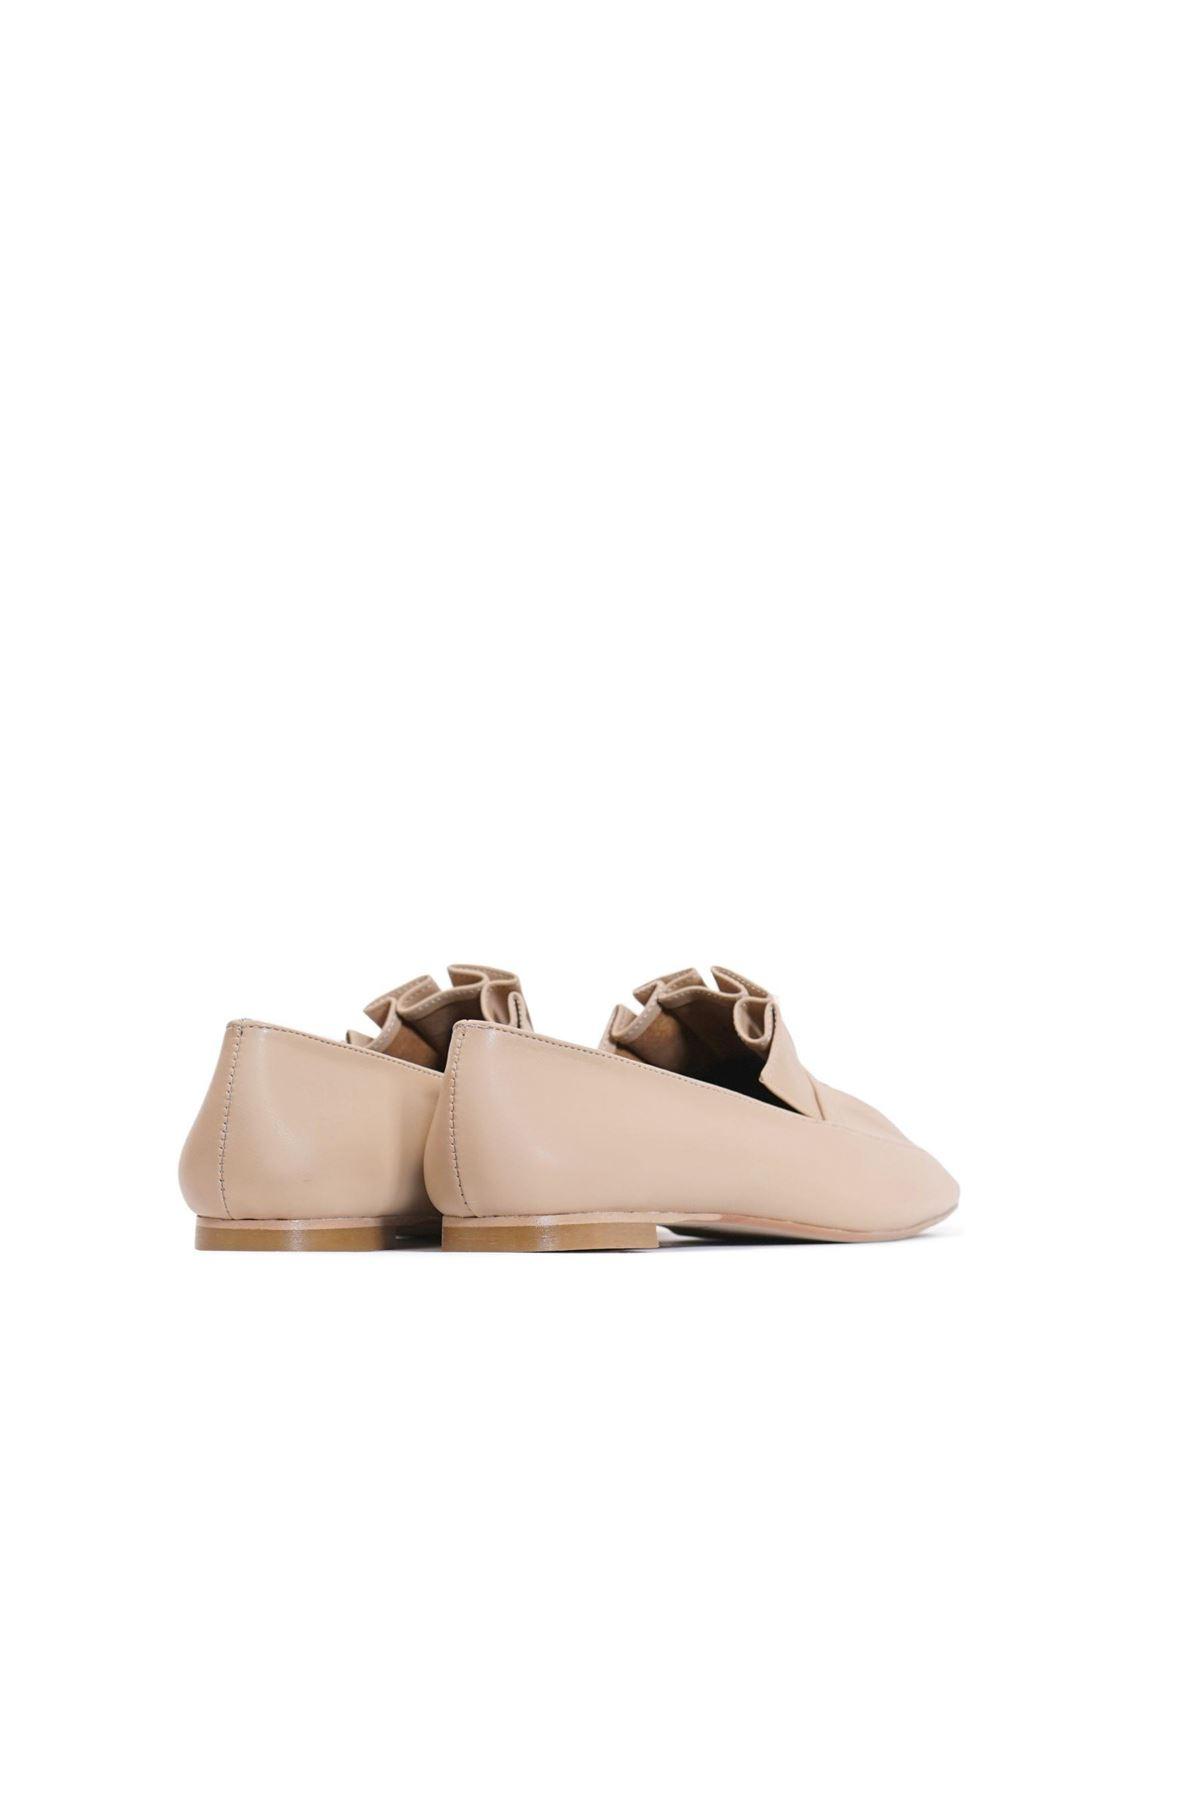 Kadın Piliseli Loafer Ayakkabı - Bej